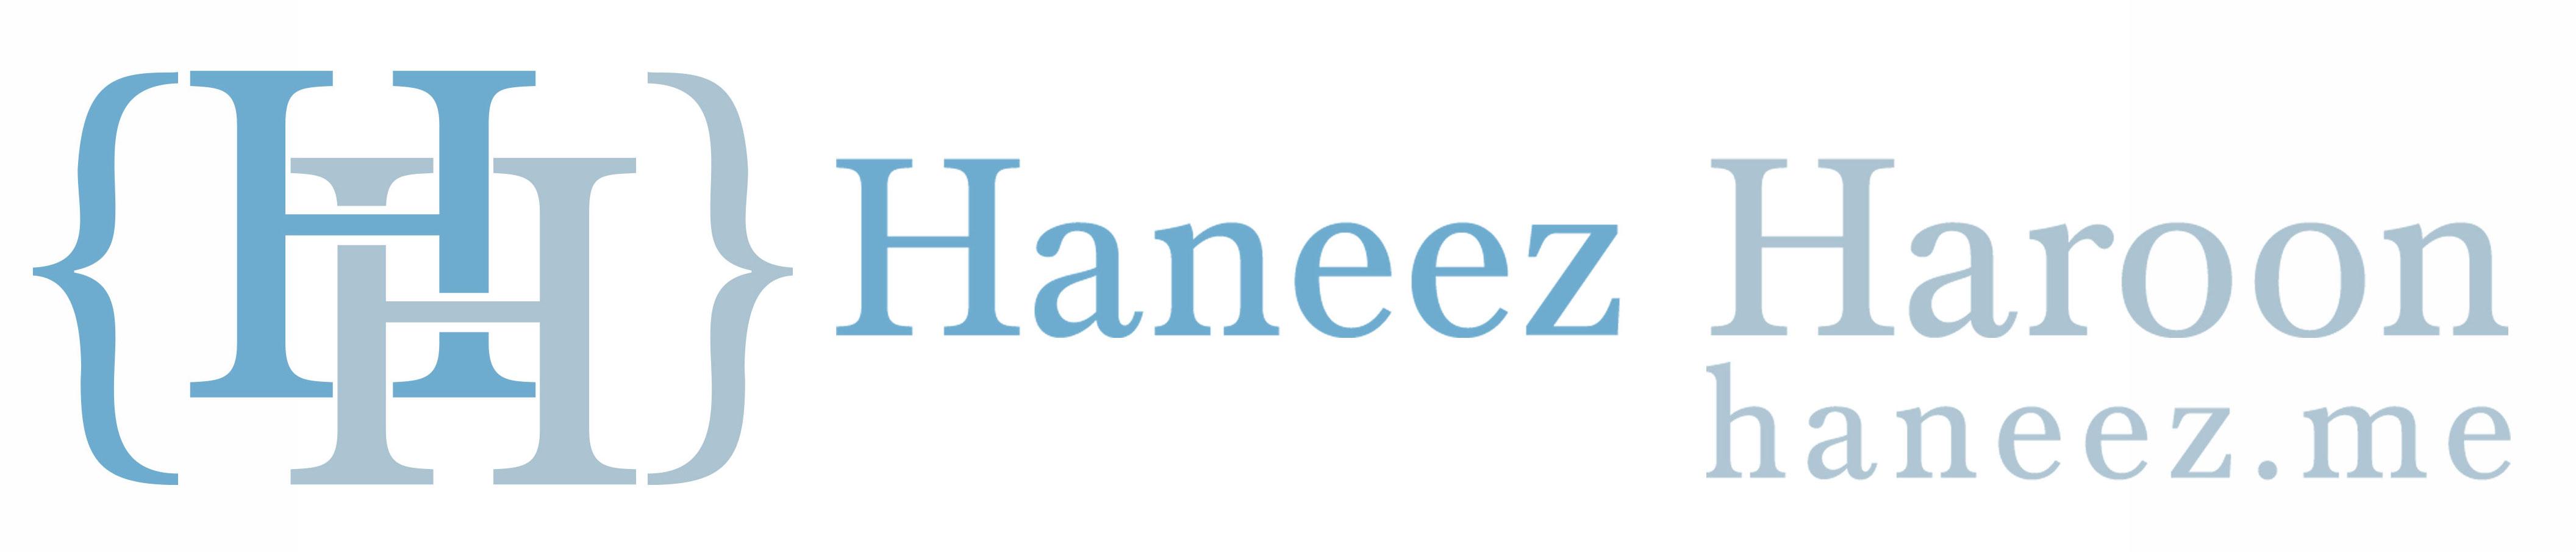 Haneez Haroon